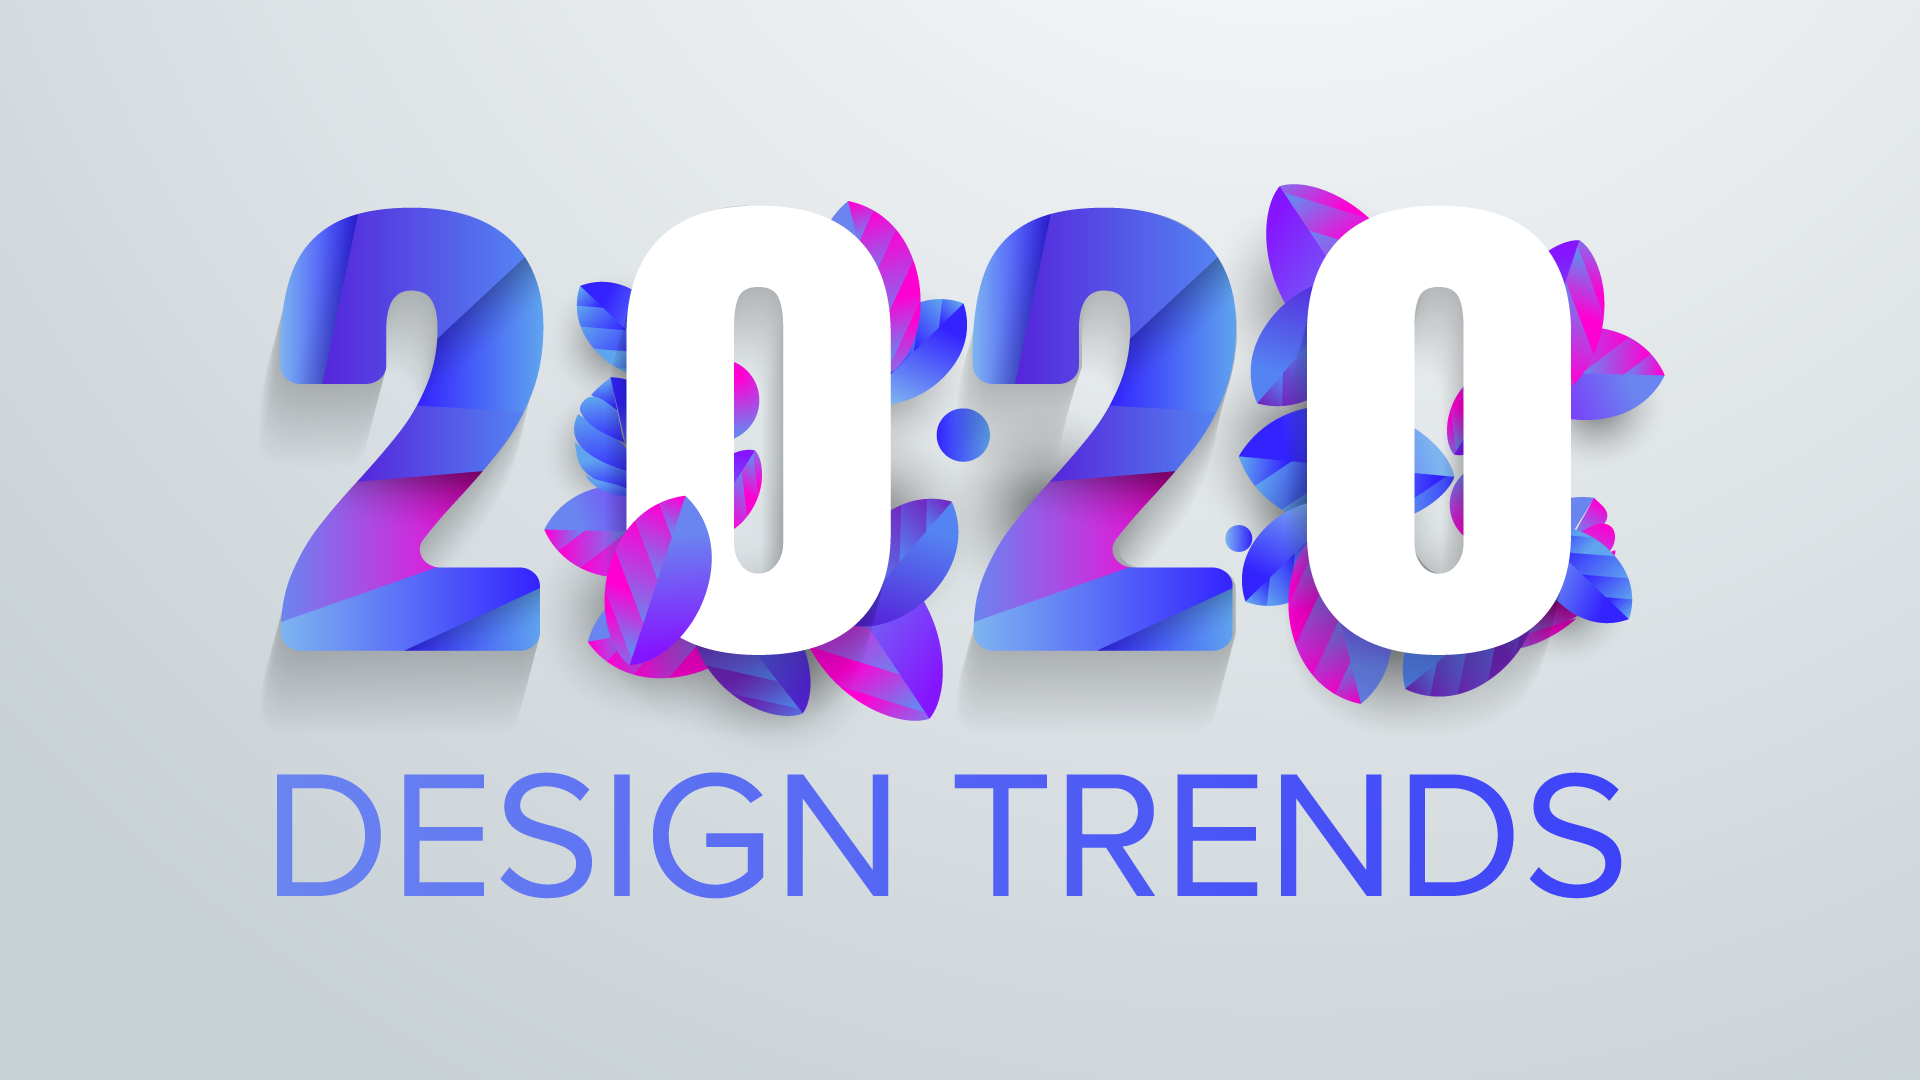 Design Trends 2020 floral